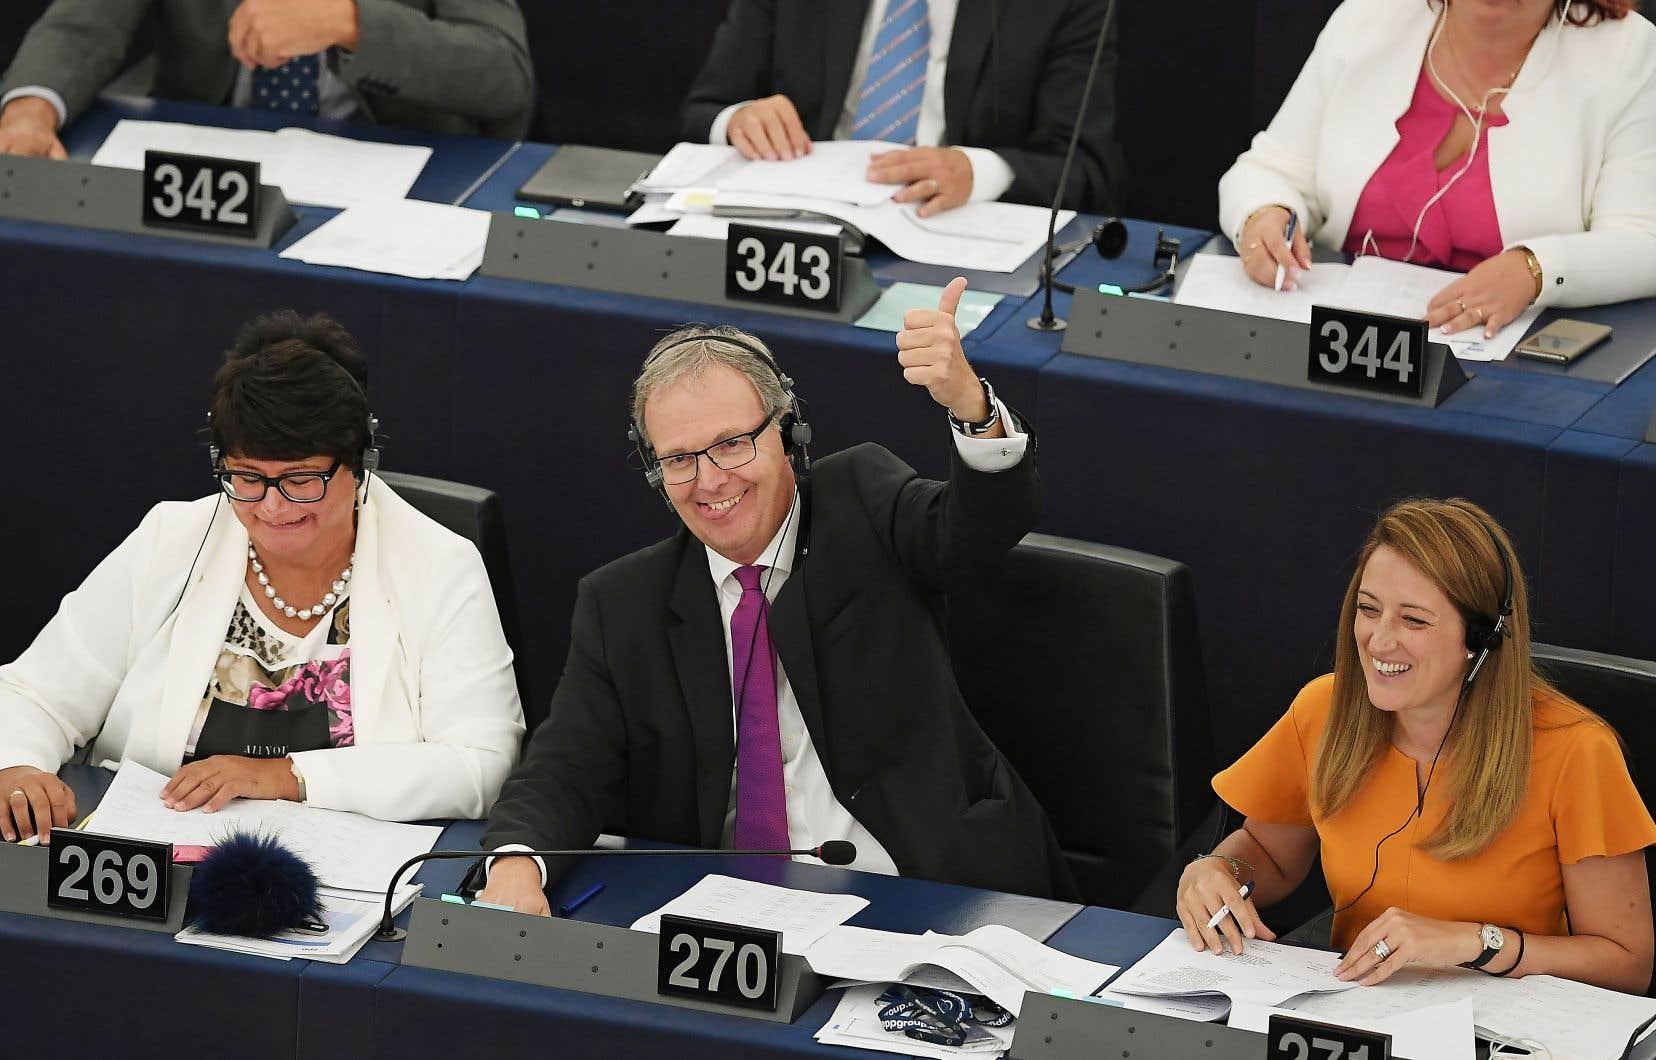 L'adoption du texte, mercredi, était une victoire pour l'eurodéputé allemand Axel Voss, qui défend le projet depuis deux ans.